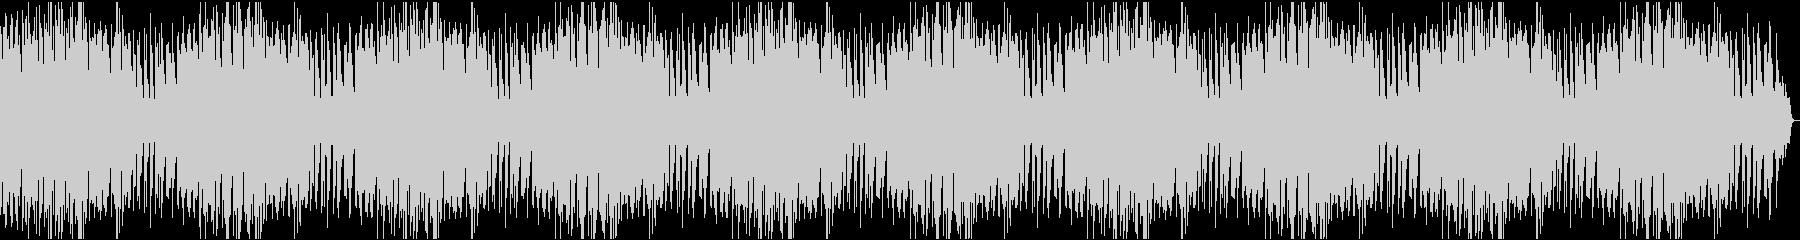 企業VP2 16分16bit44kVerの未再生の波形